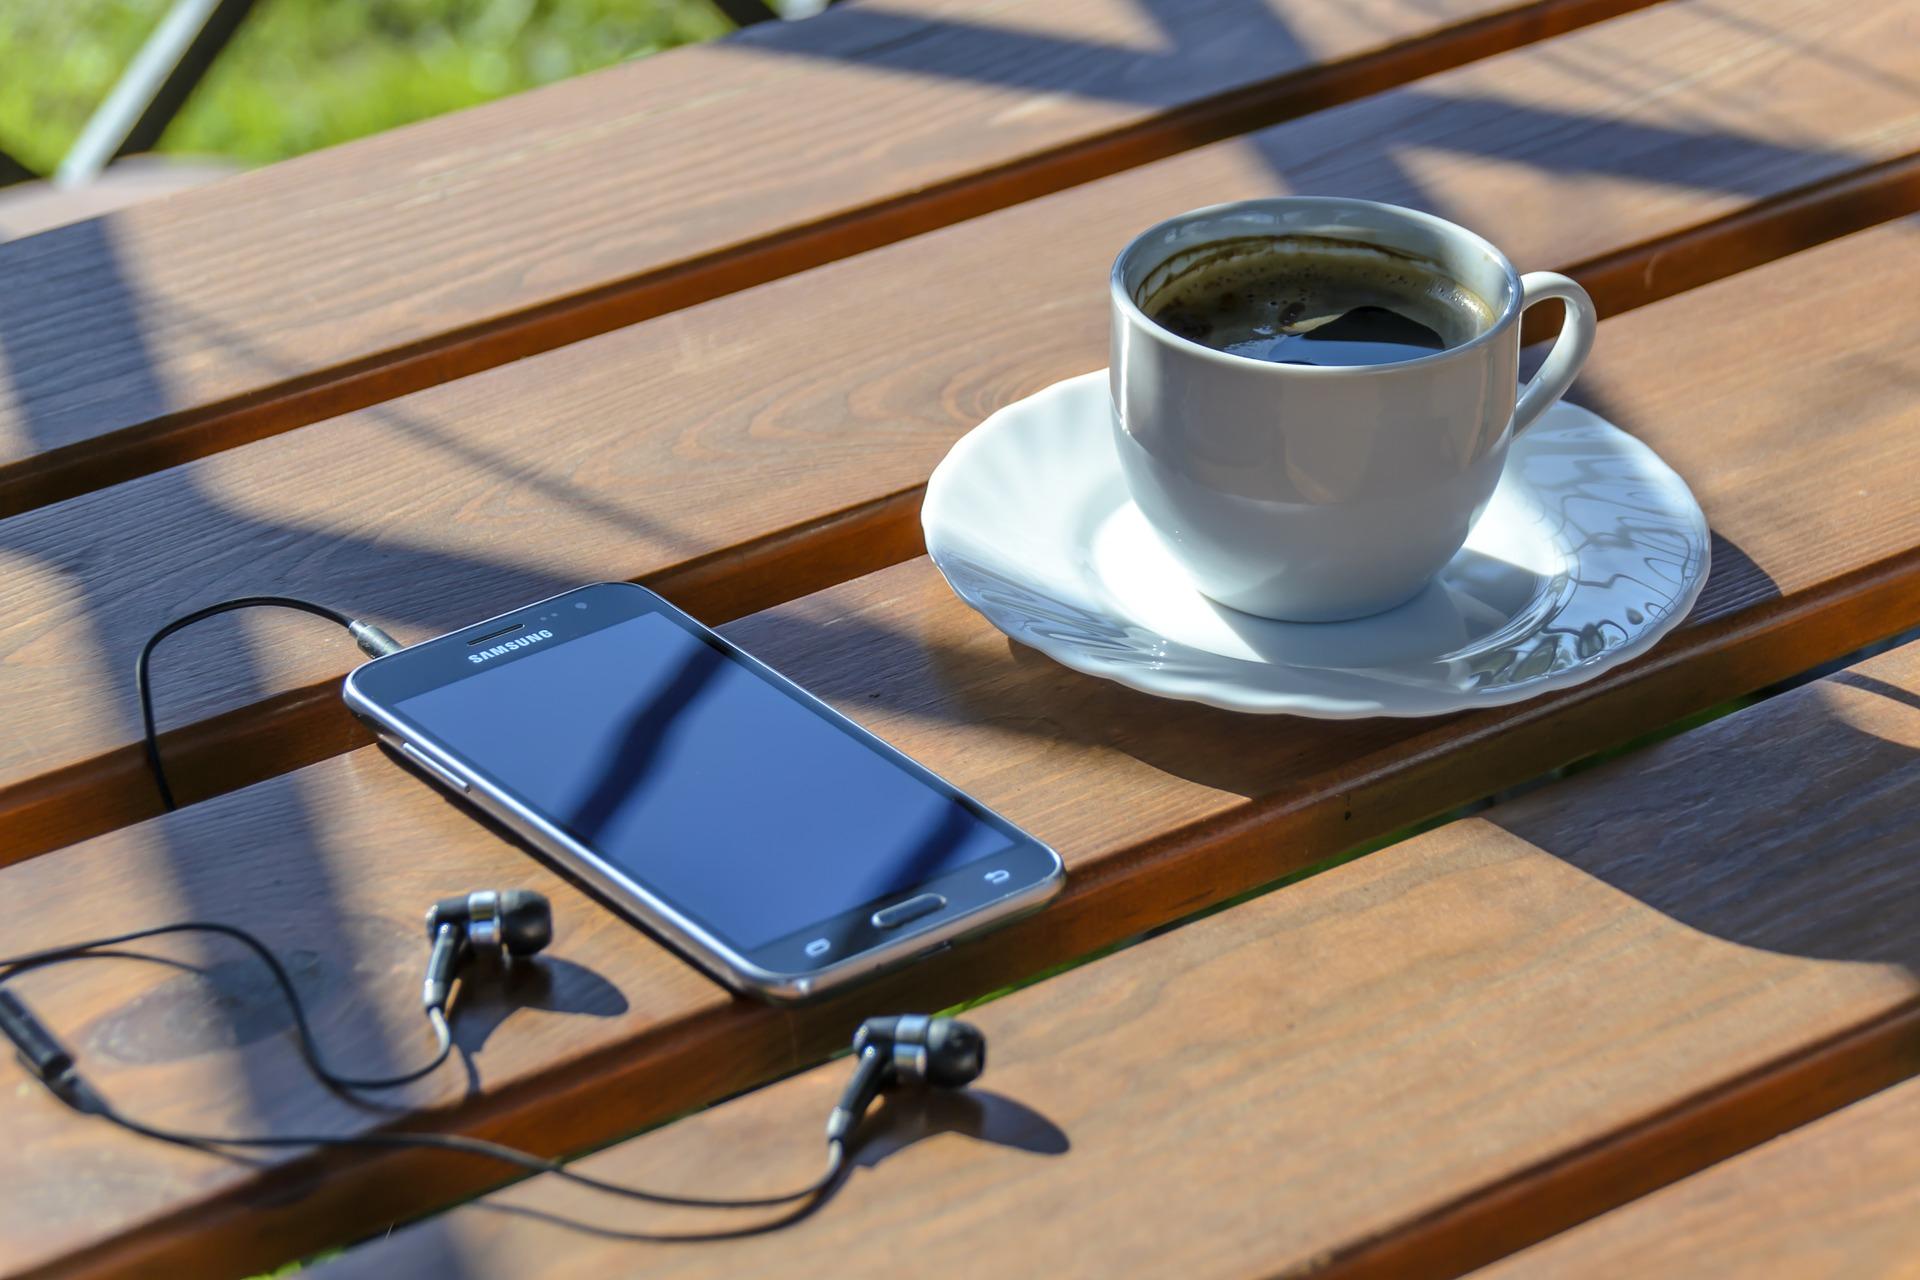 headphones, phone & coffee